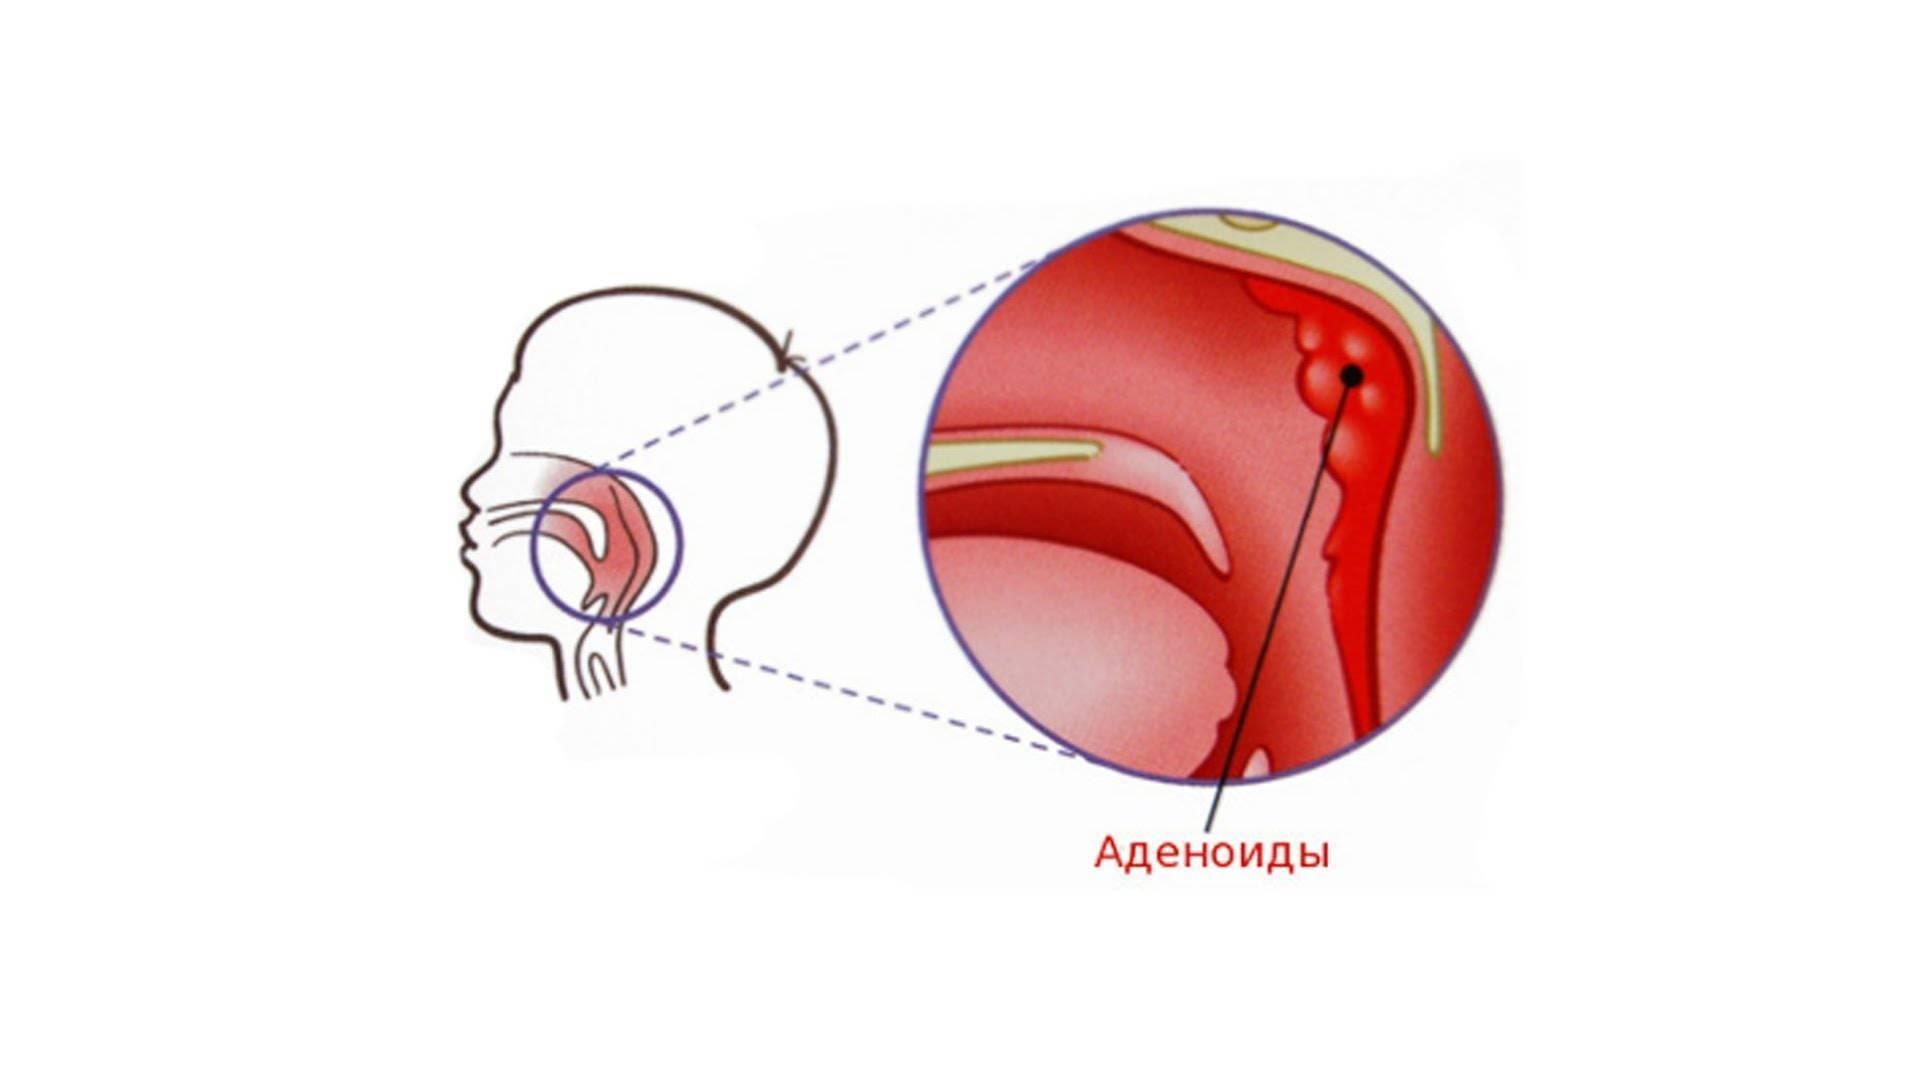 как лечить аденоиды